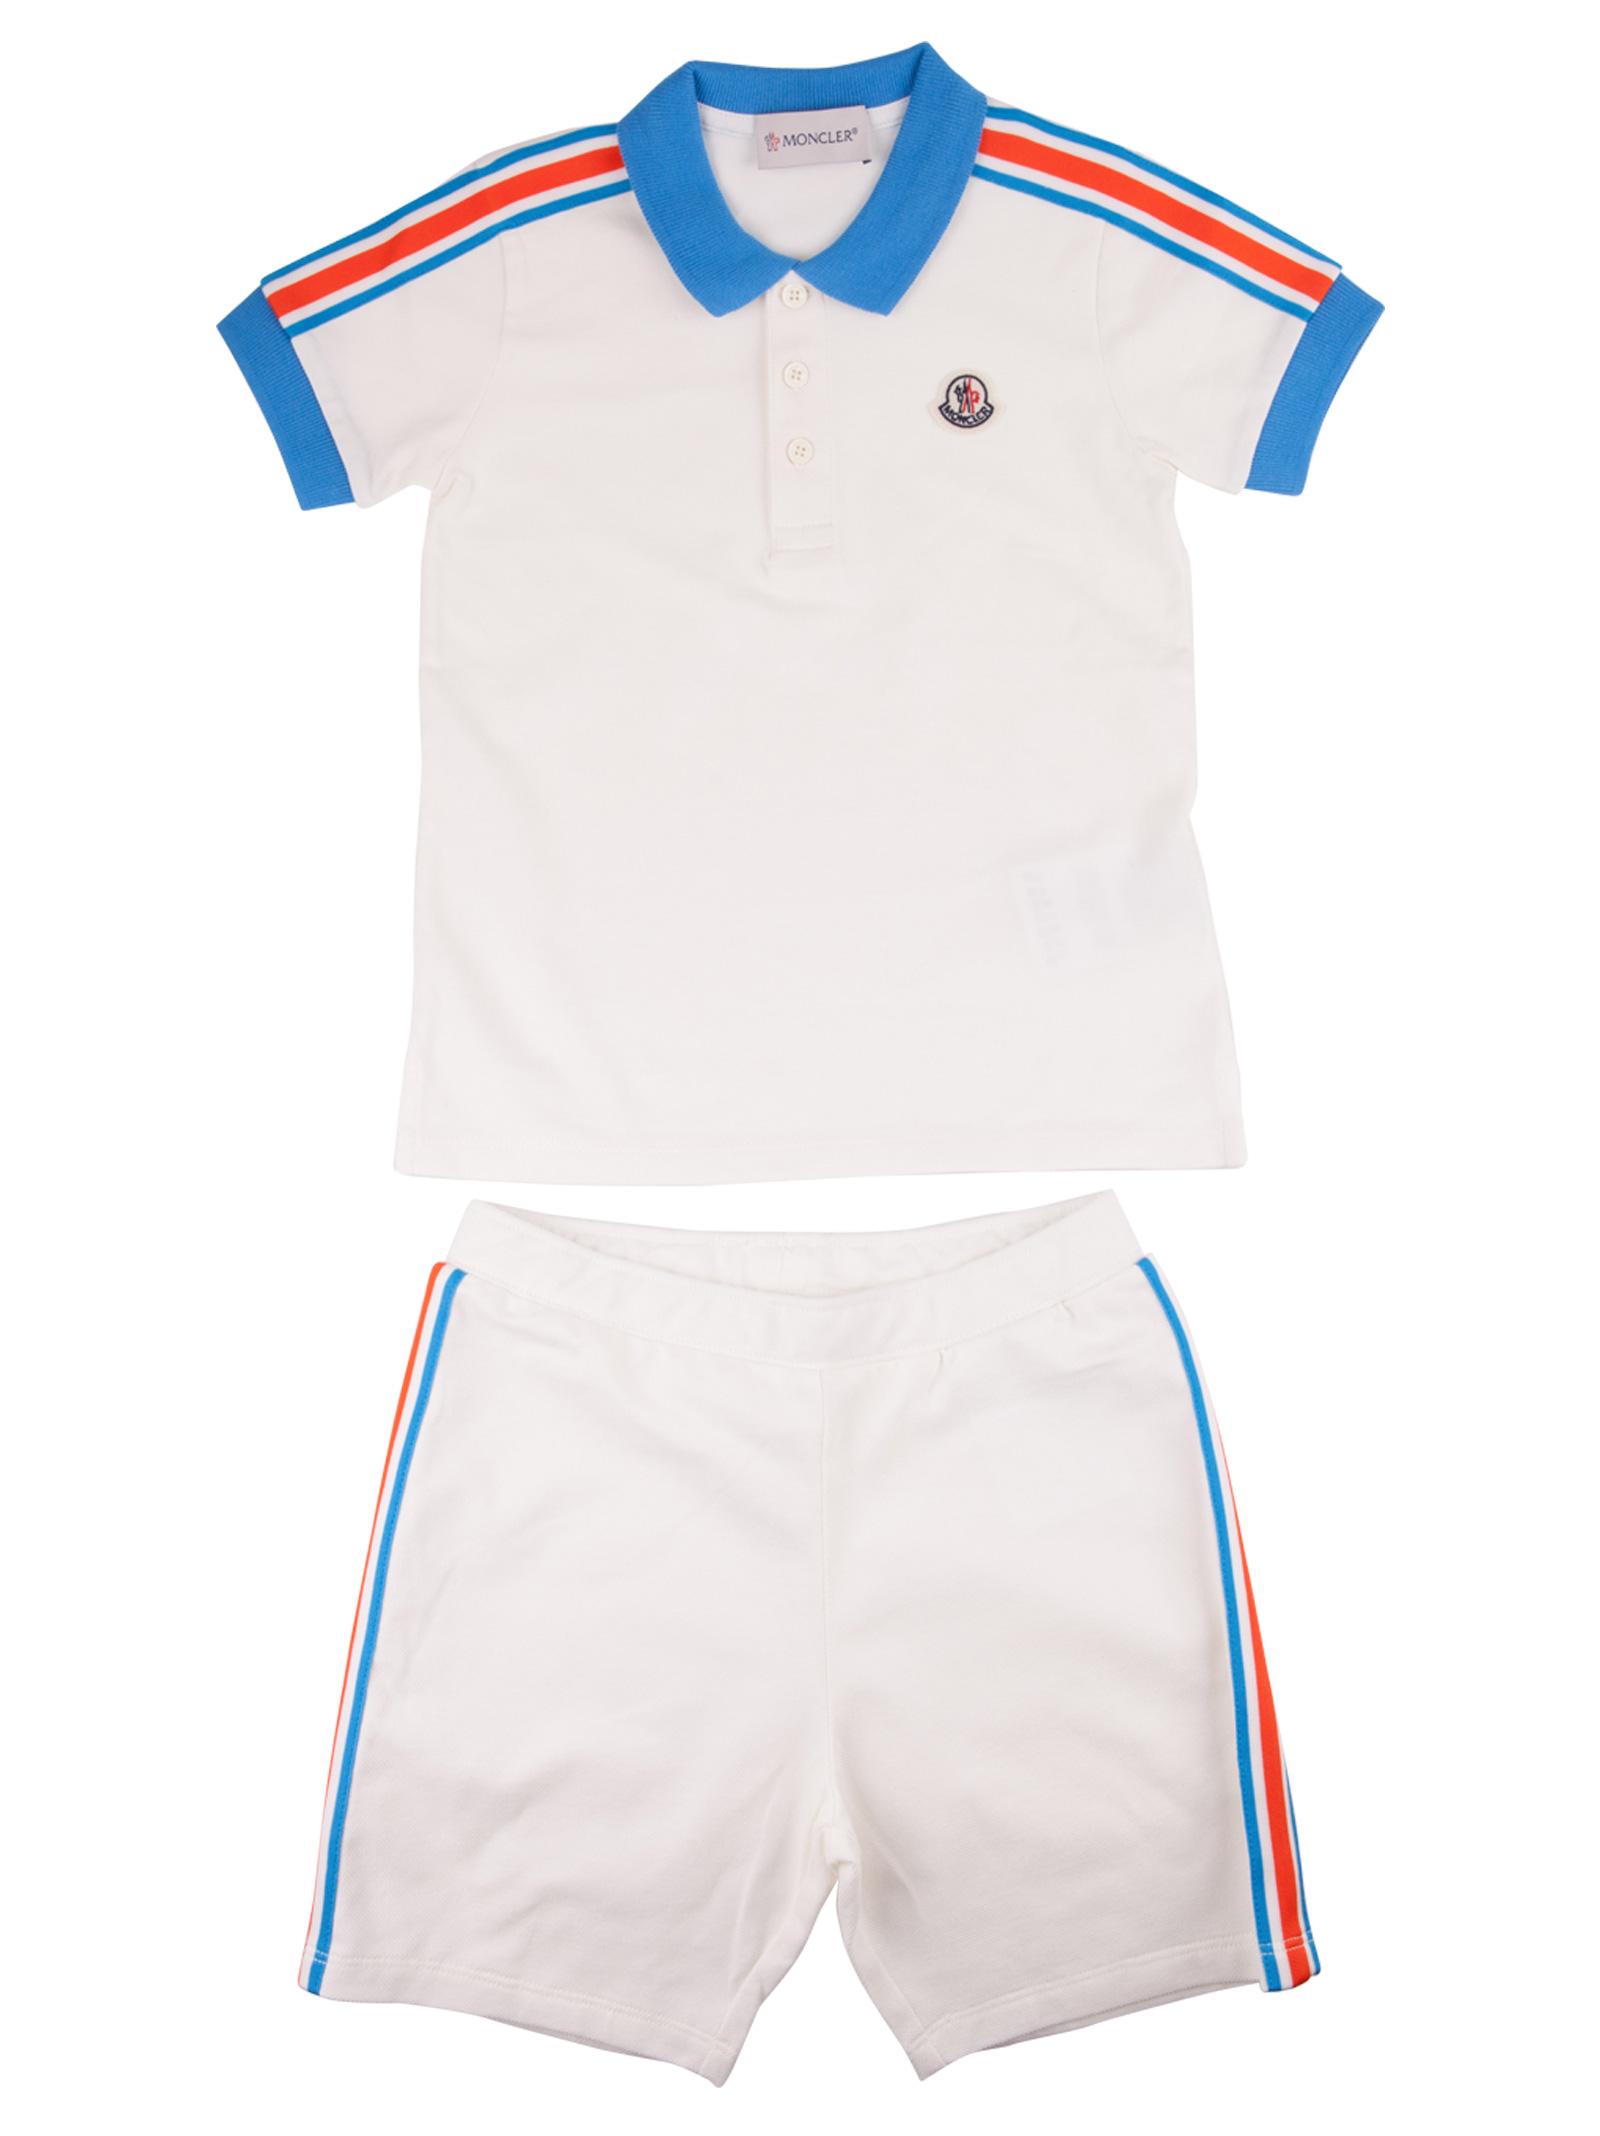 2800e24e37a2 Moncler Kids jumpsuit - Moncler Enfant - Michele Franzese Moda